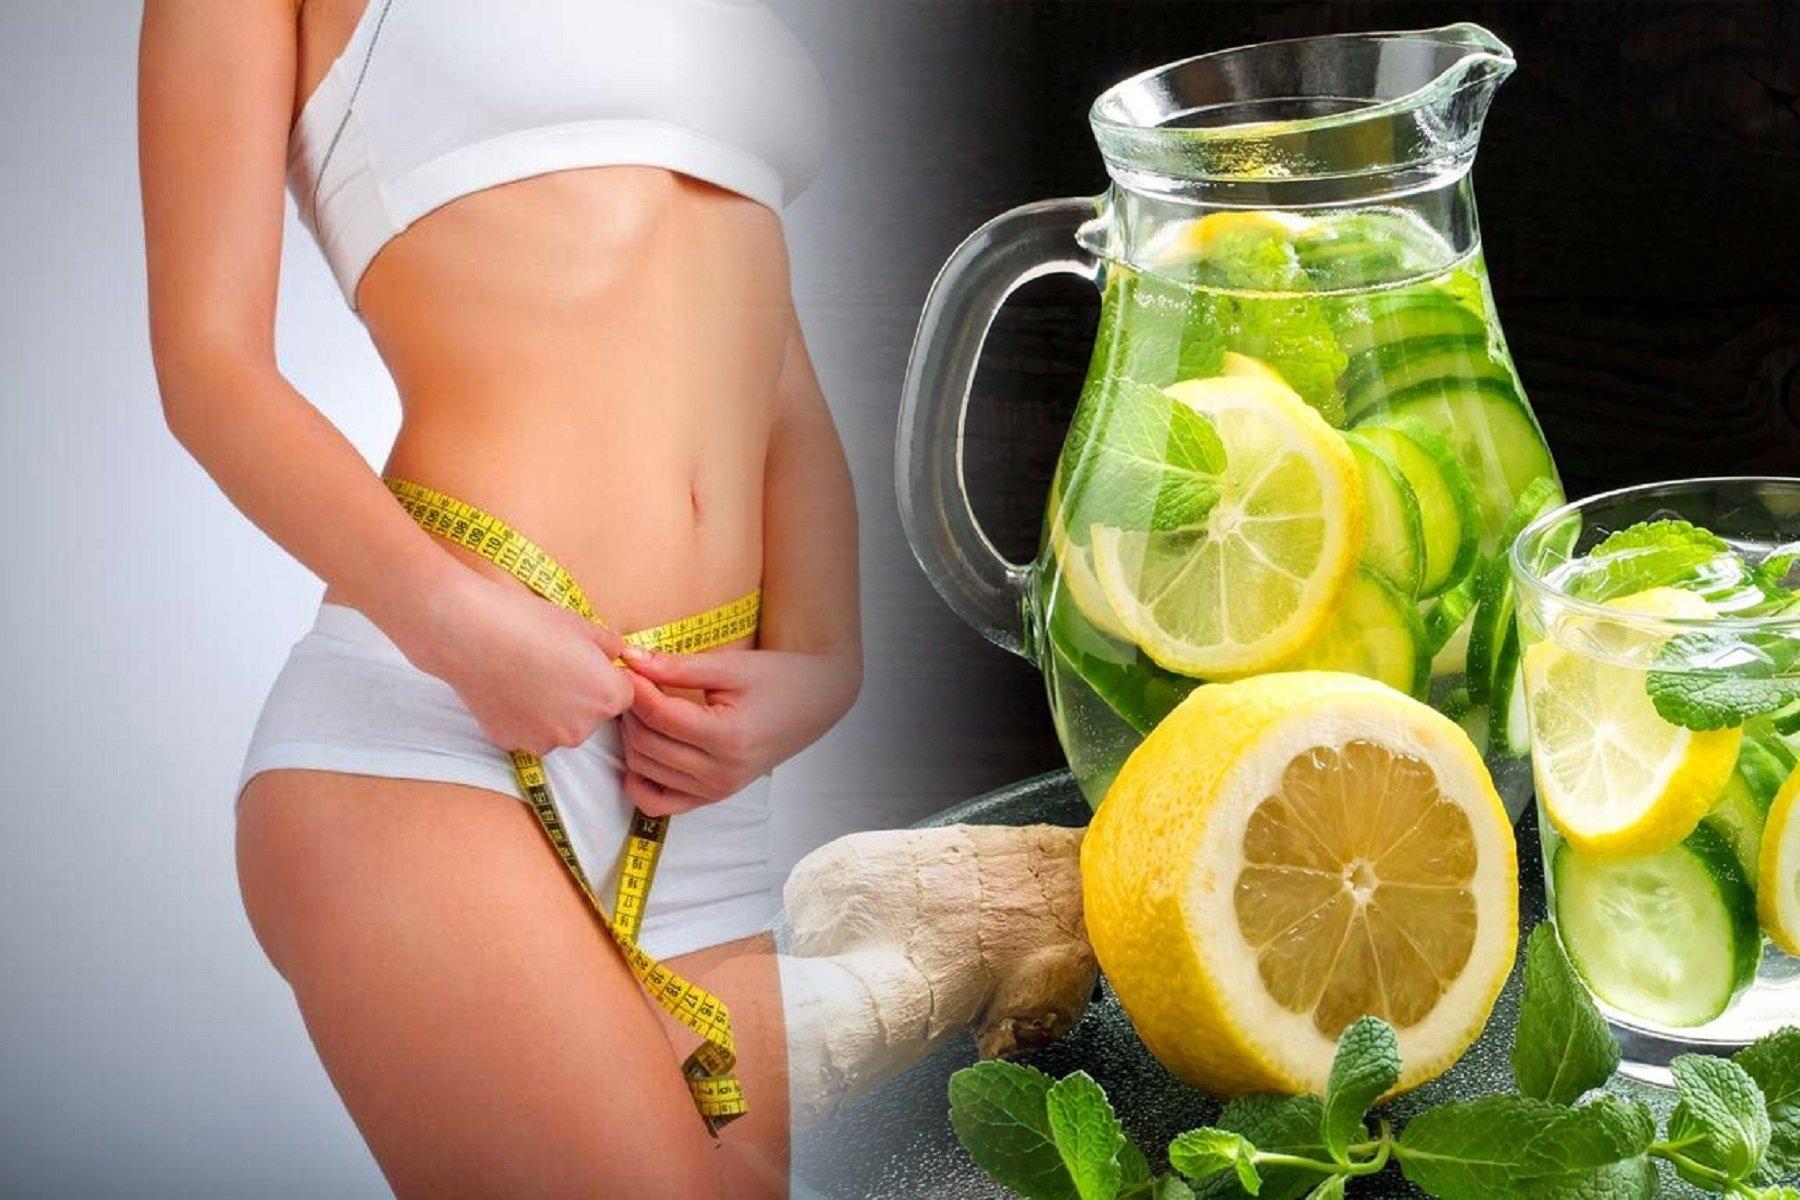 Похудение С Имбирем Способы. Лучшие способы как правильно использовать корень имбиря для похудения с рецептами имбирного чая